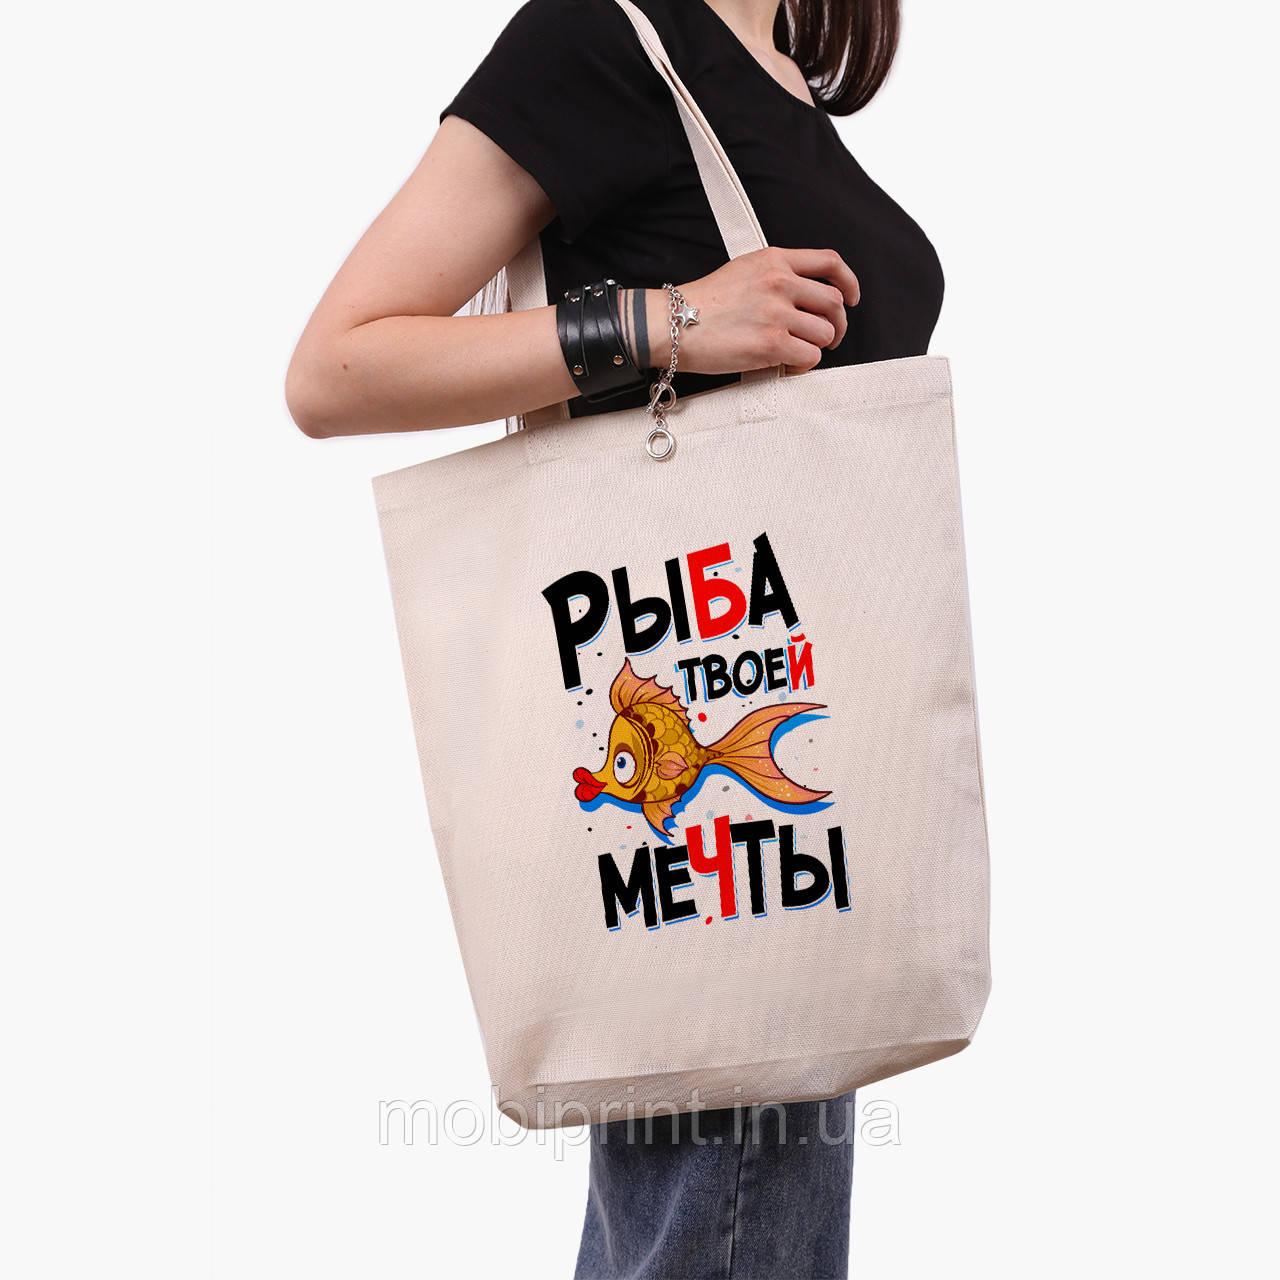 Еко сумка шоппер біла Риба моєї мрії (Fish of my dreams) (9227-1261-1) экосумка шопер 41*39*8 см